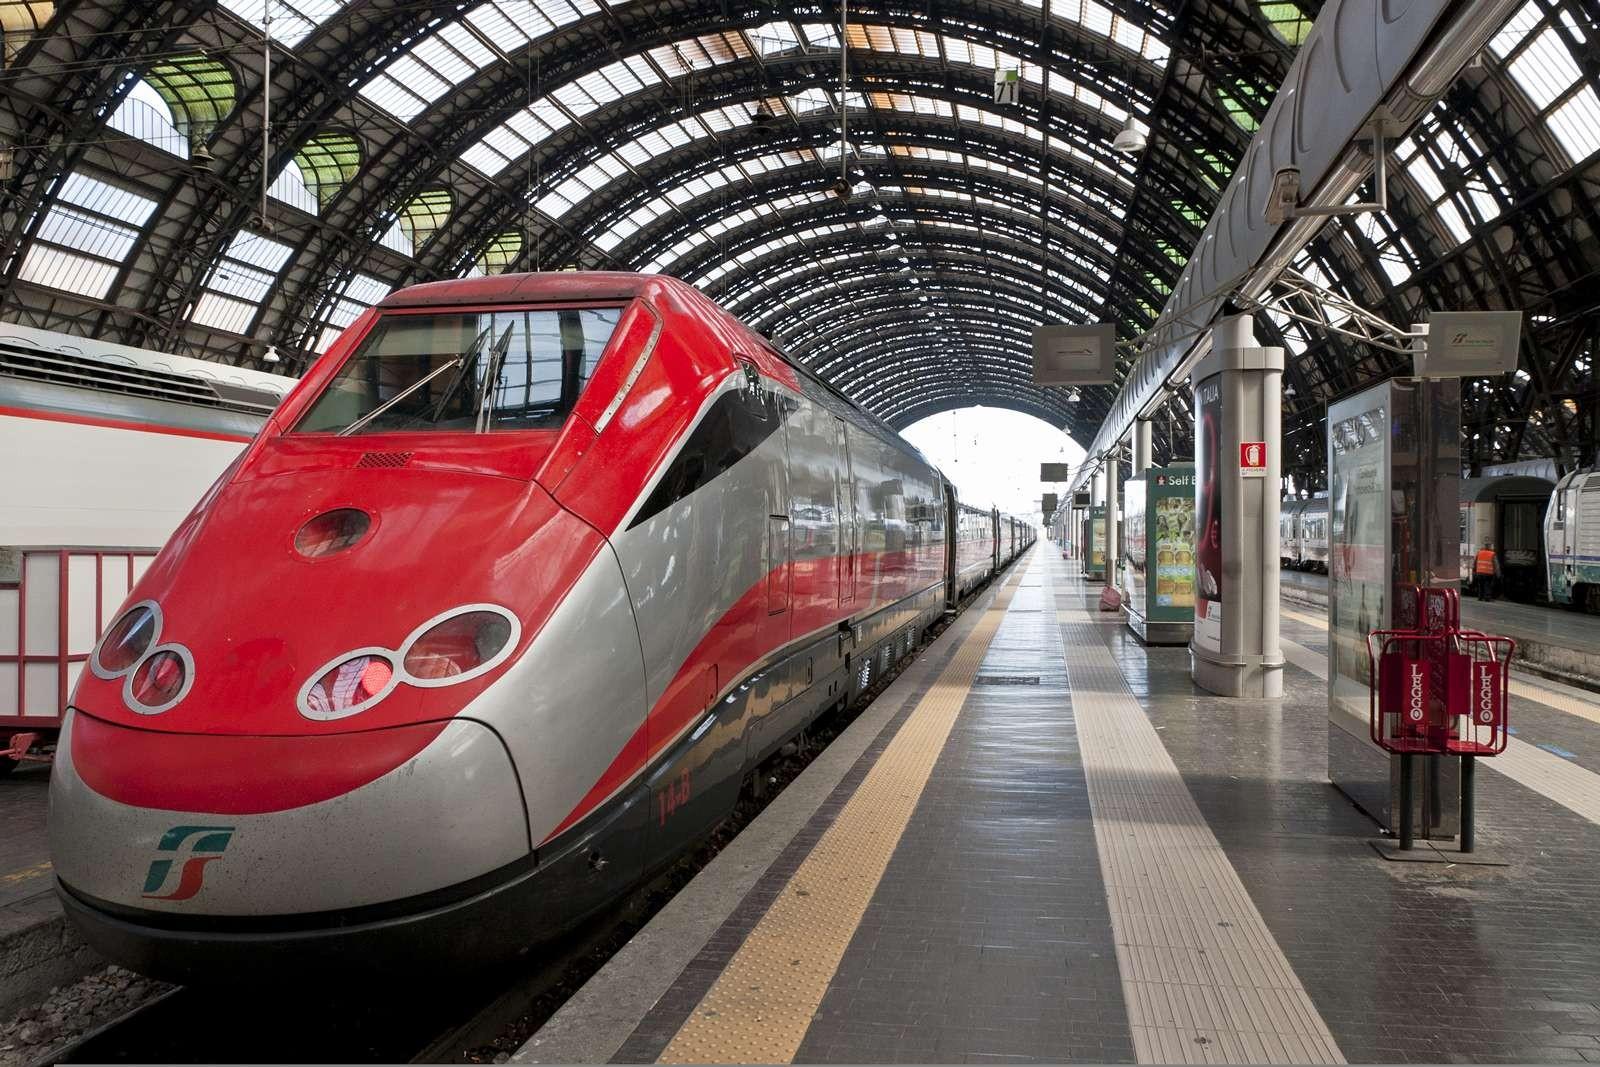 ВСловакии товарный поезд столкнулся спассажирским